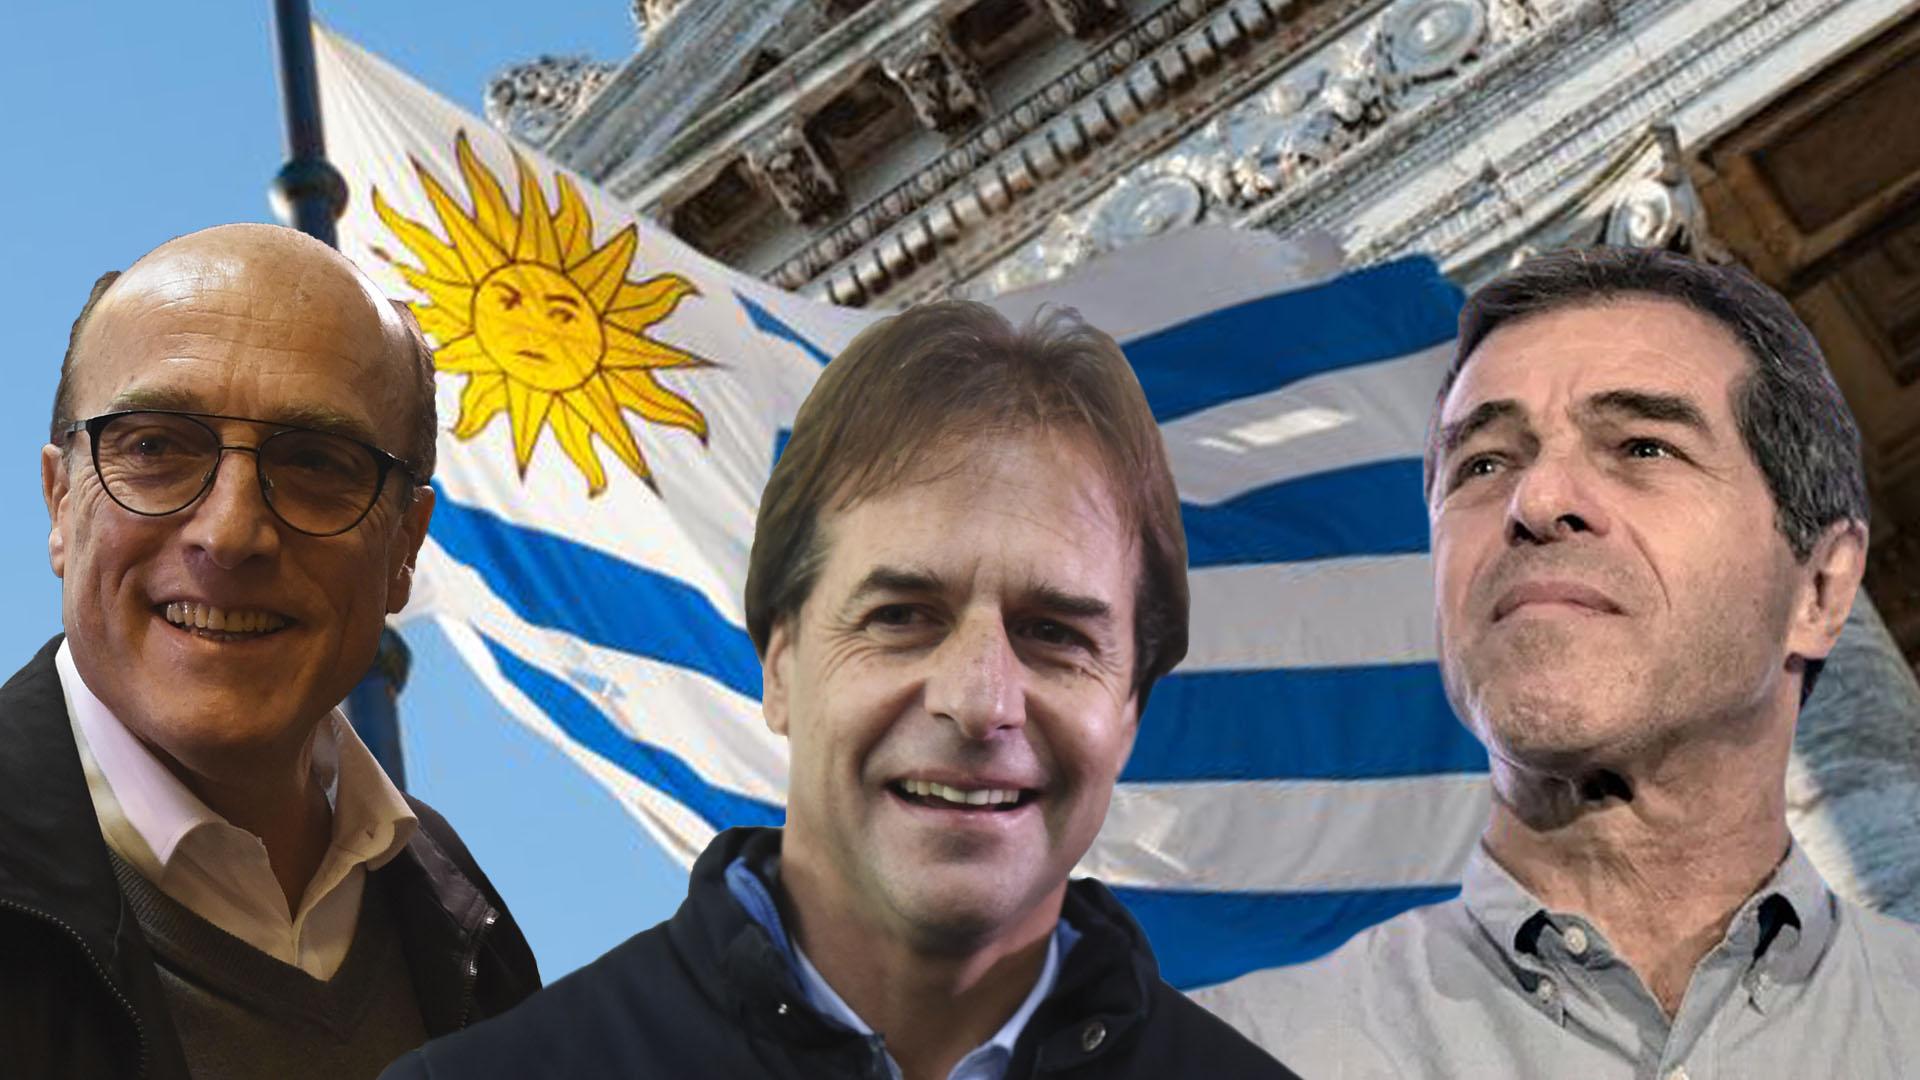 ¿Quiénes son y qué proponen los candidatos presidenciales en Uruguay?